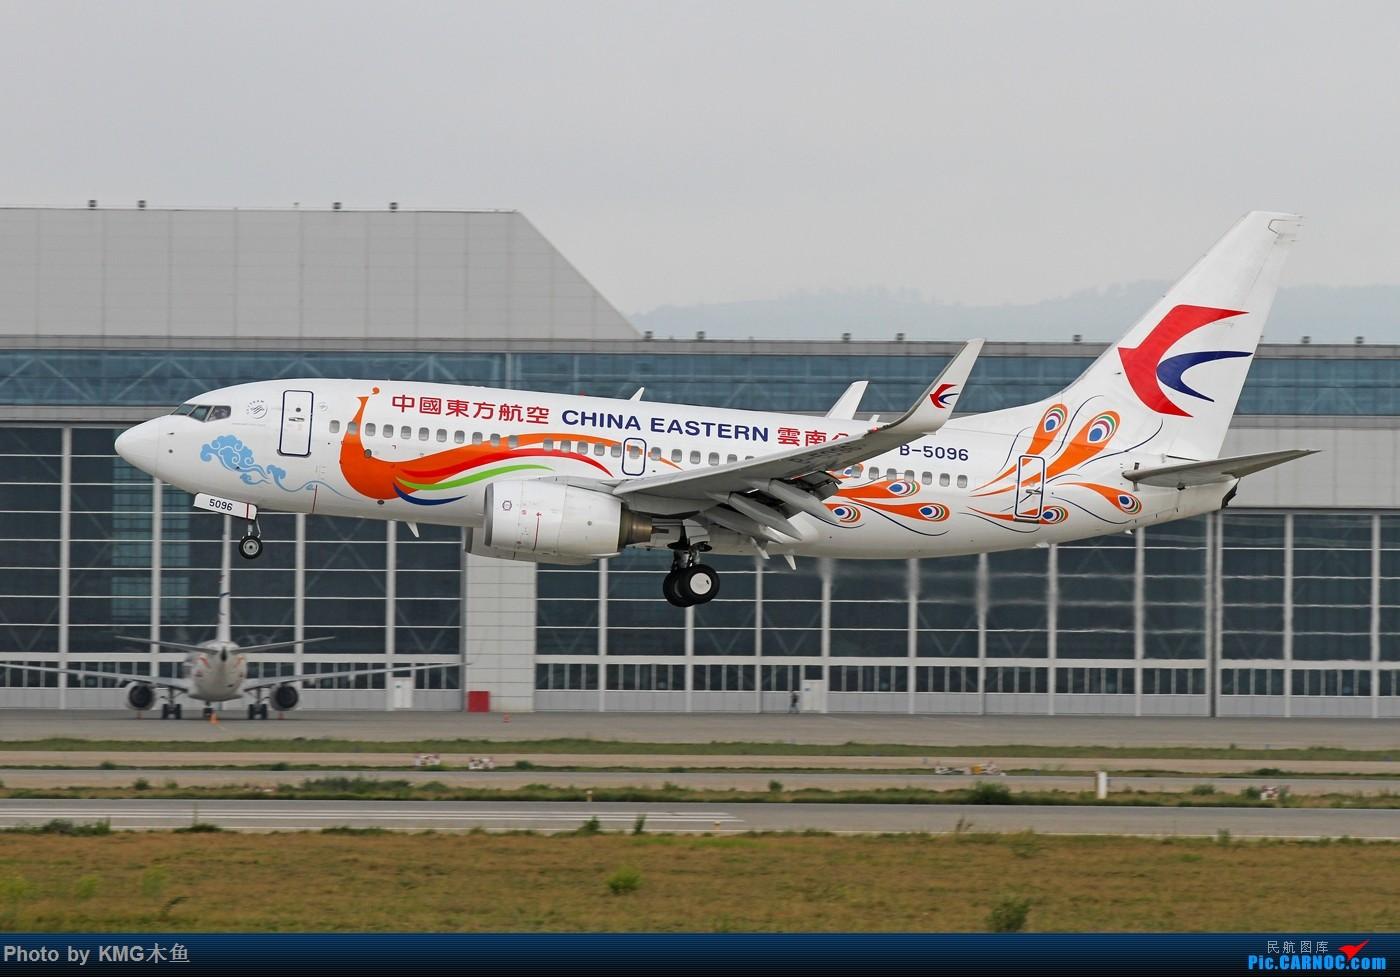 Re:[原创]【KMG】【长水机场一窝雀】2015年端午节拍摄长水机场东航云南分公司的孔雀涂装 BOEING 737-700 B-5096 中国昆明长水国际机场